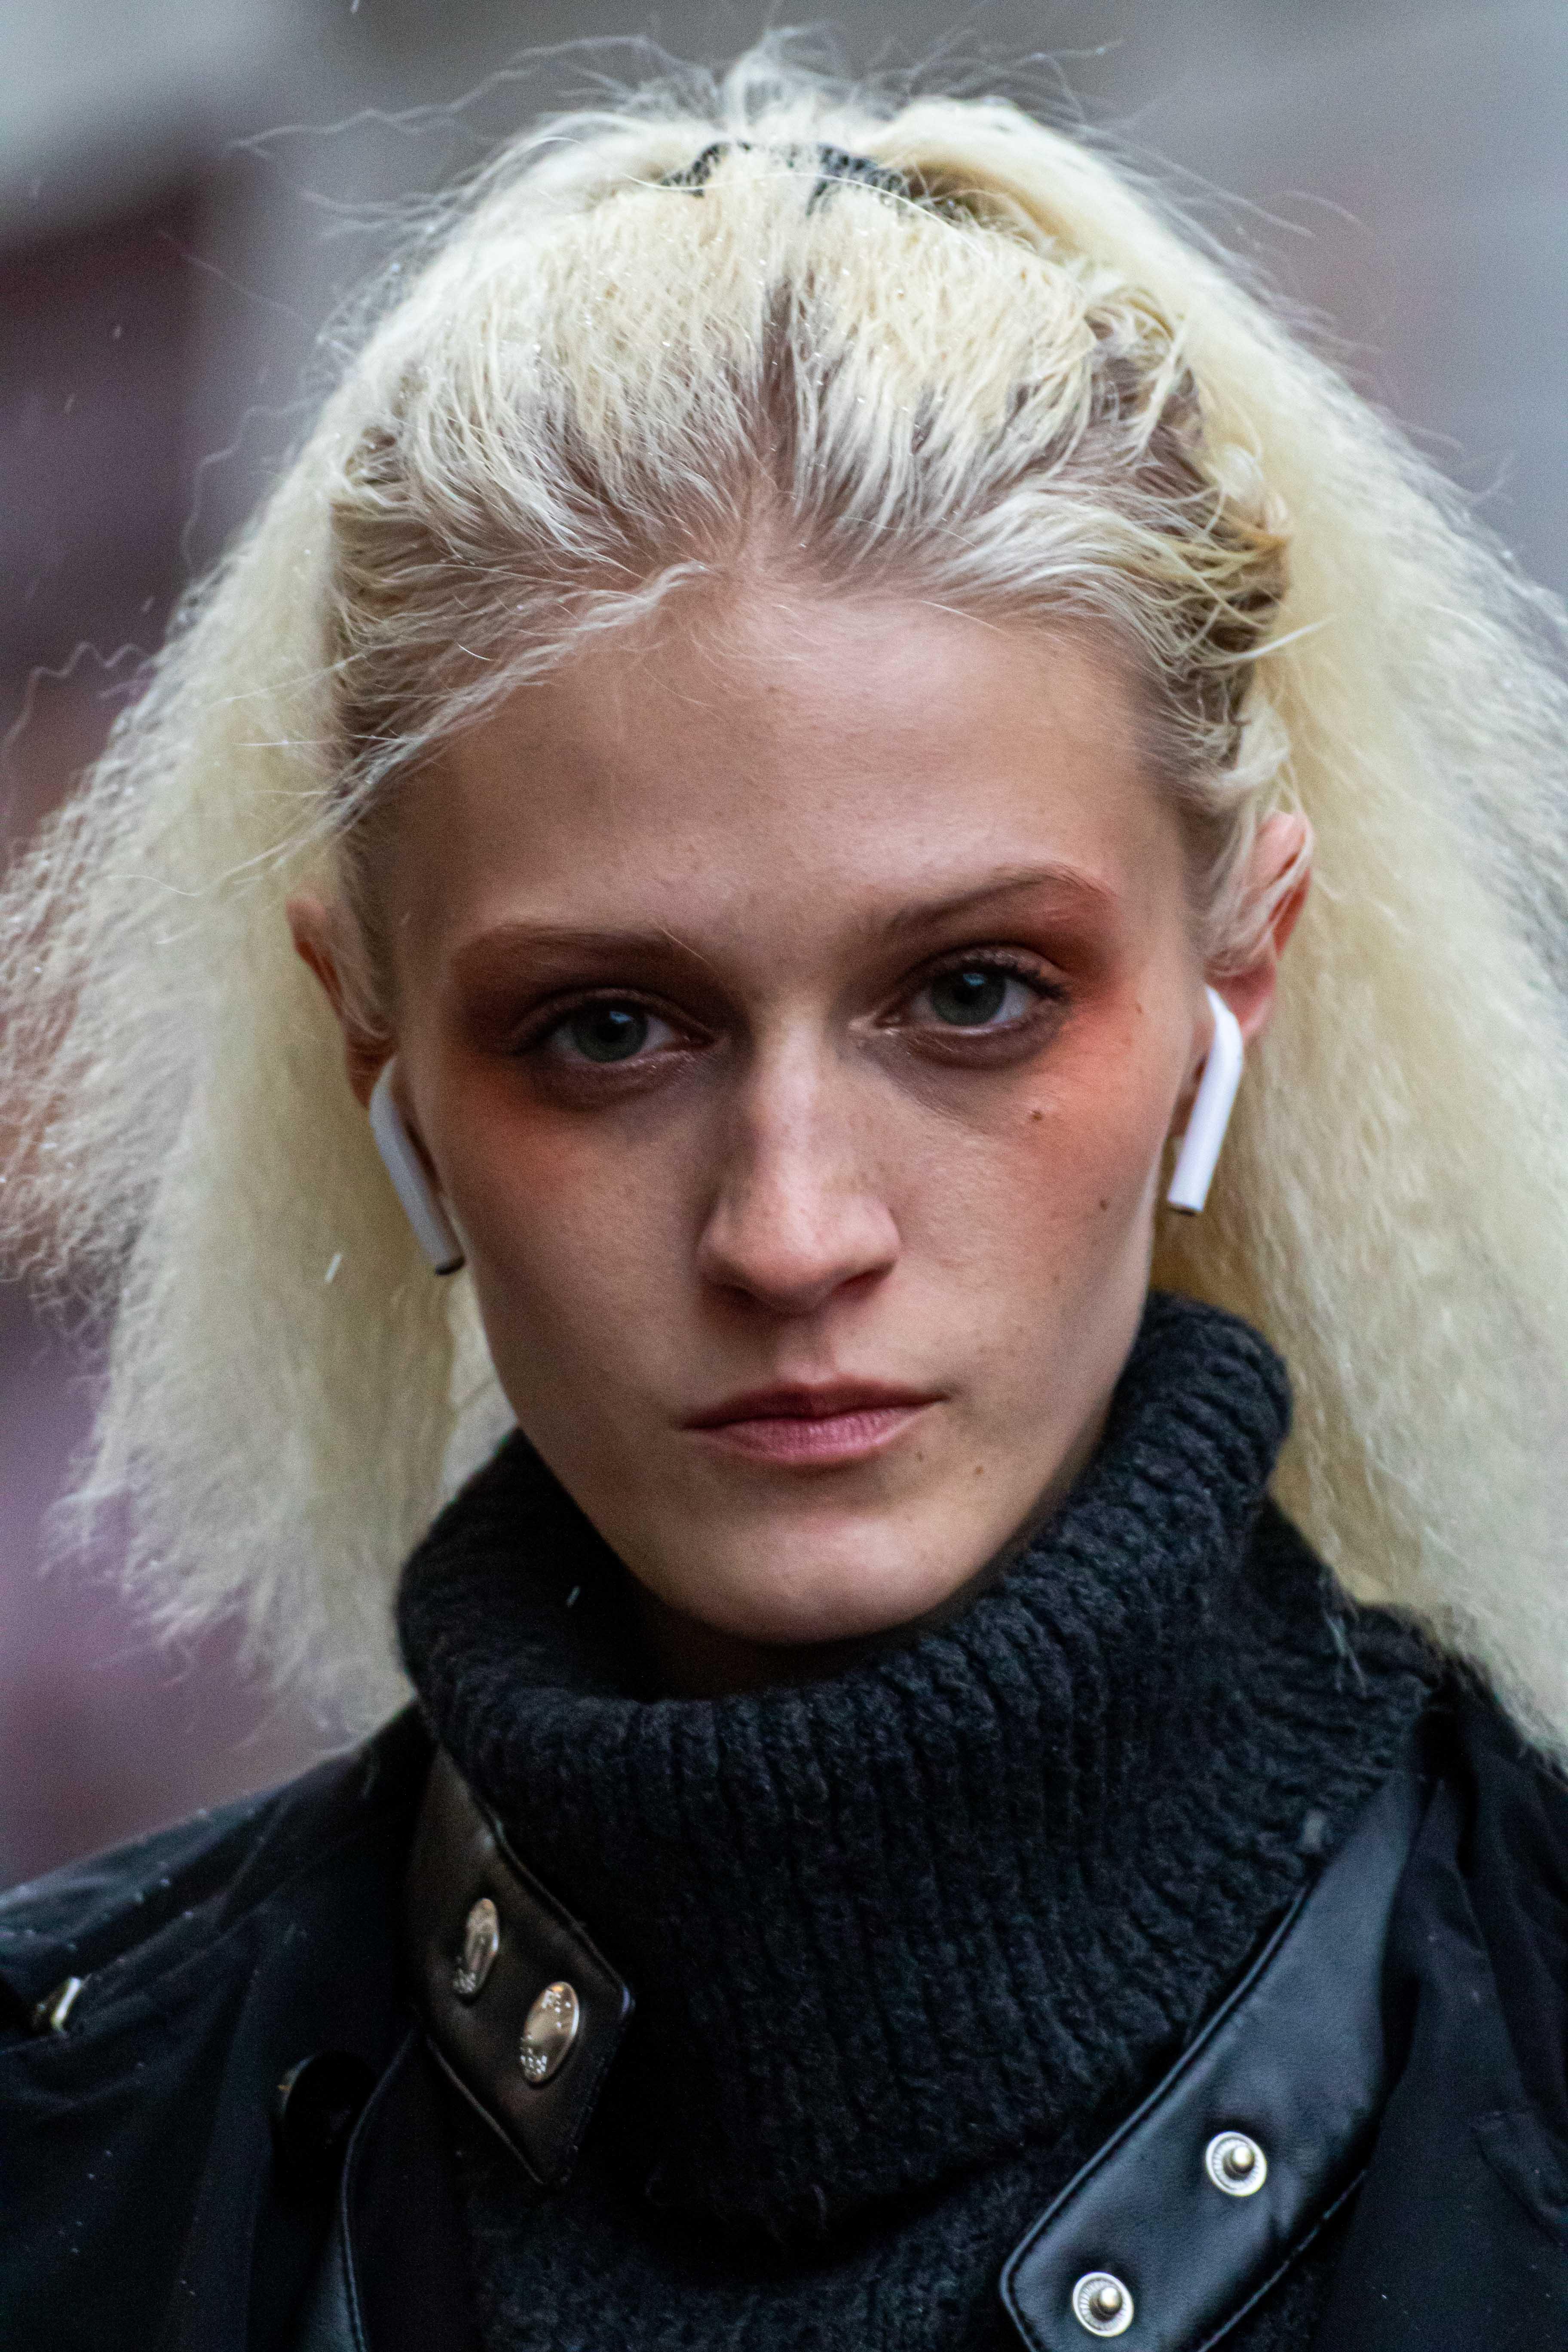 Model Street Style Paris Fashion Week Jean Paul Gaultier SS19